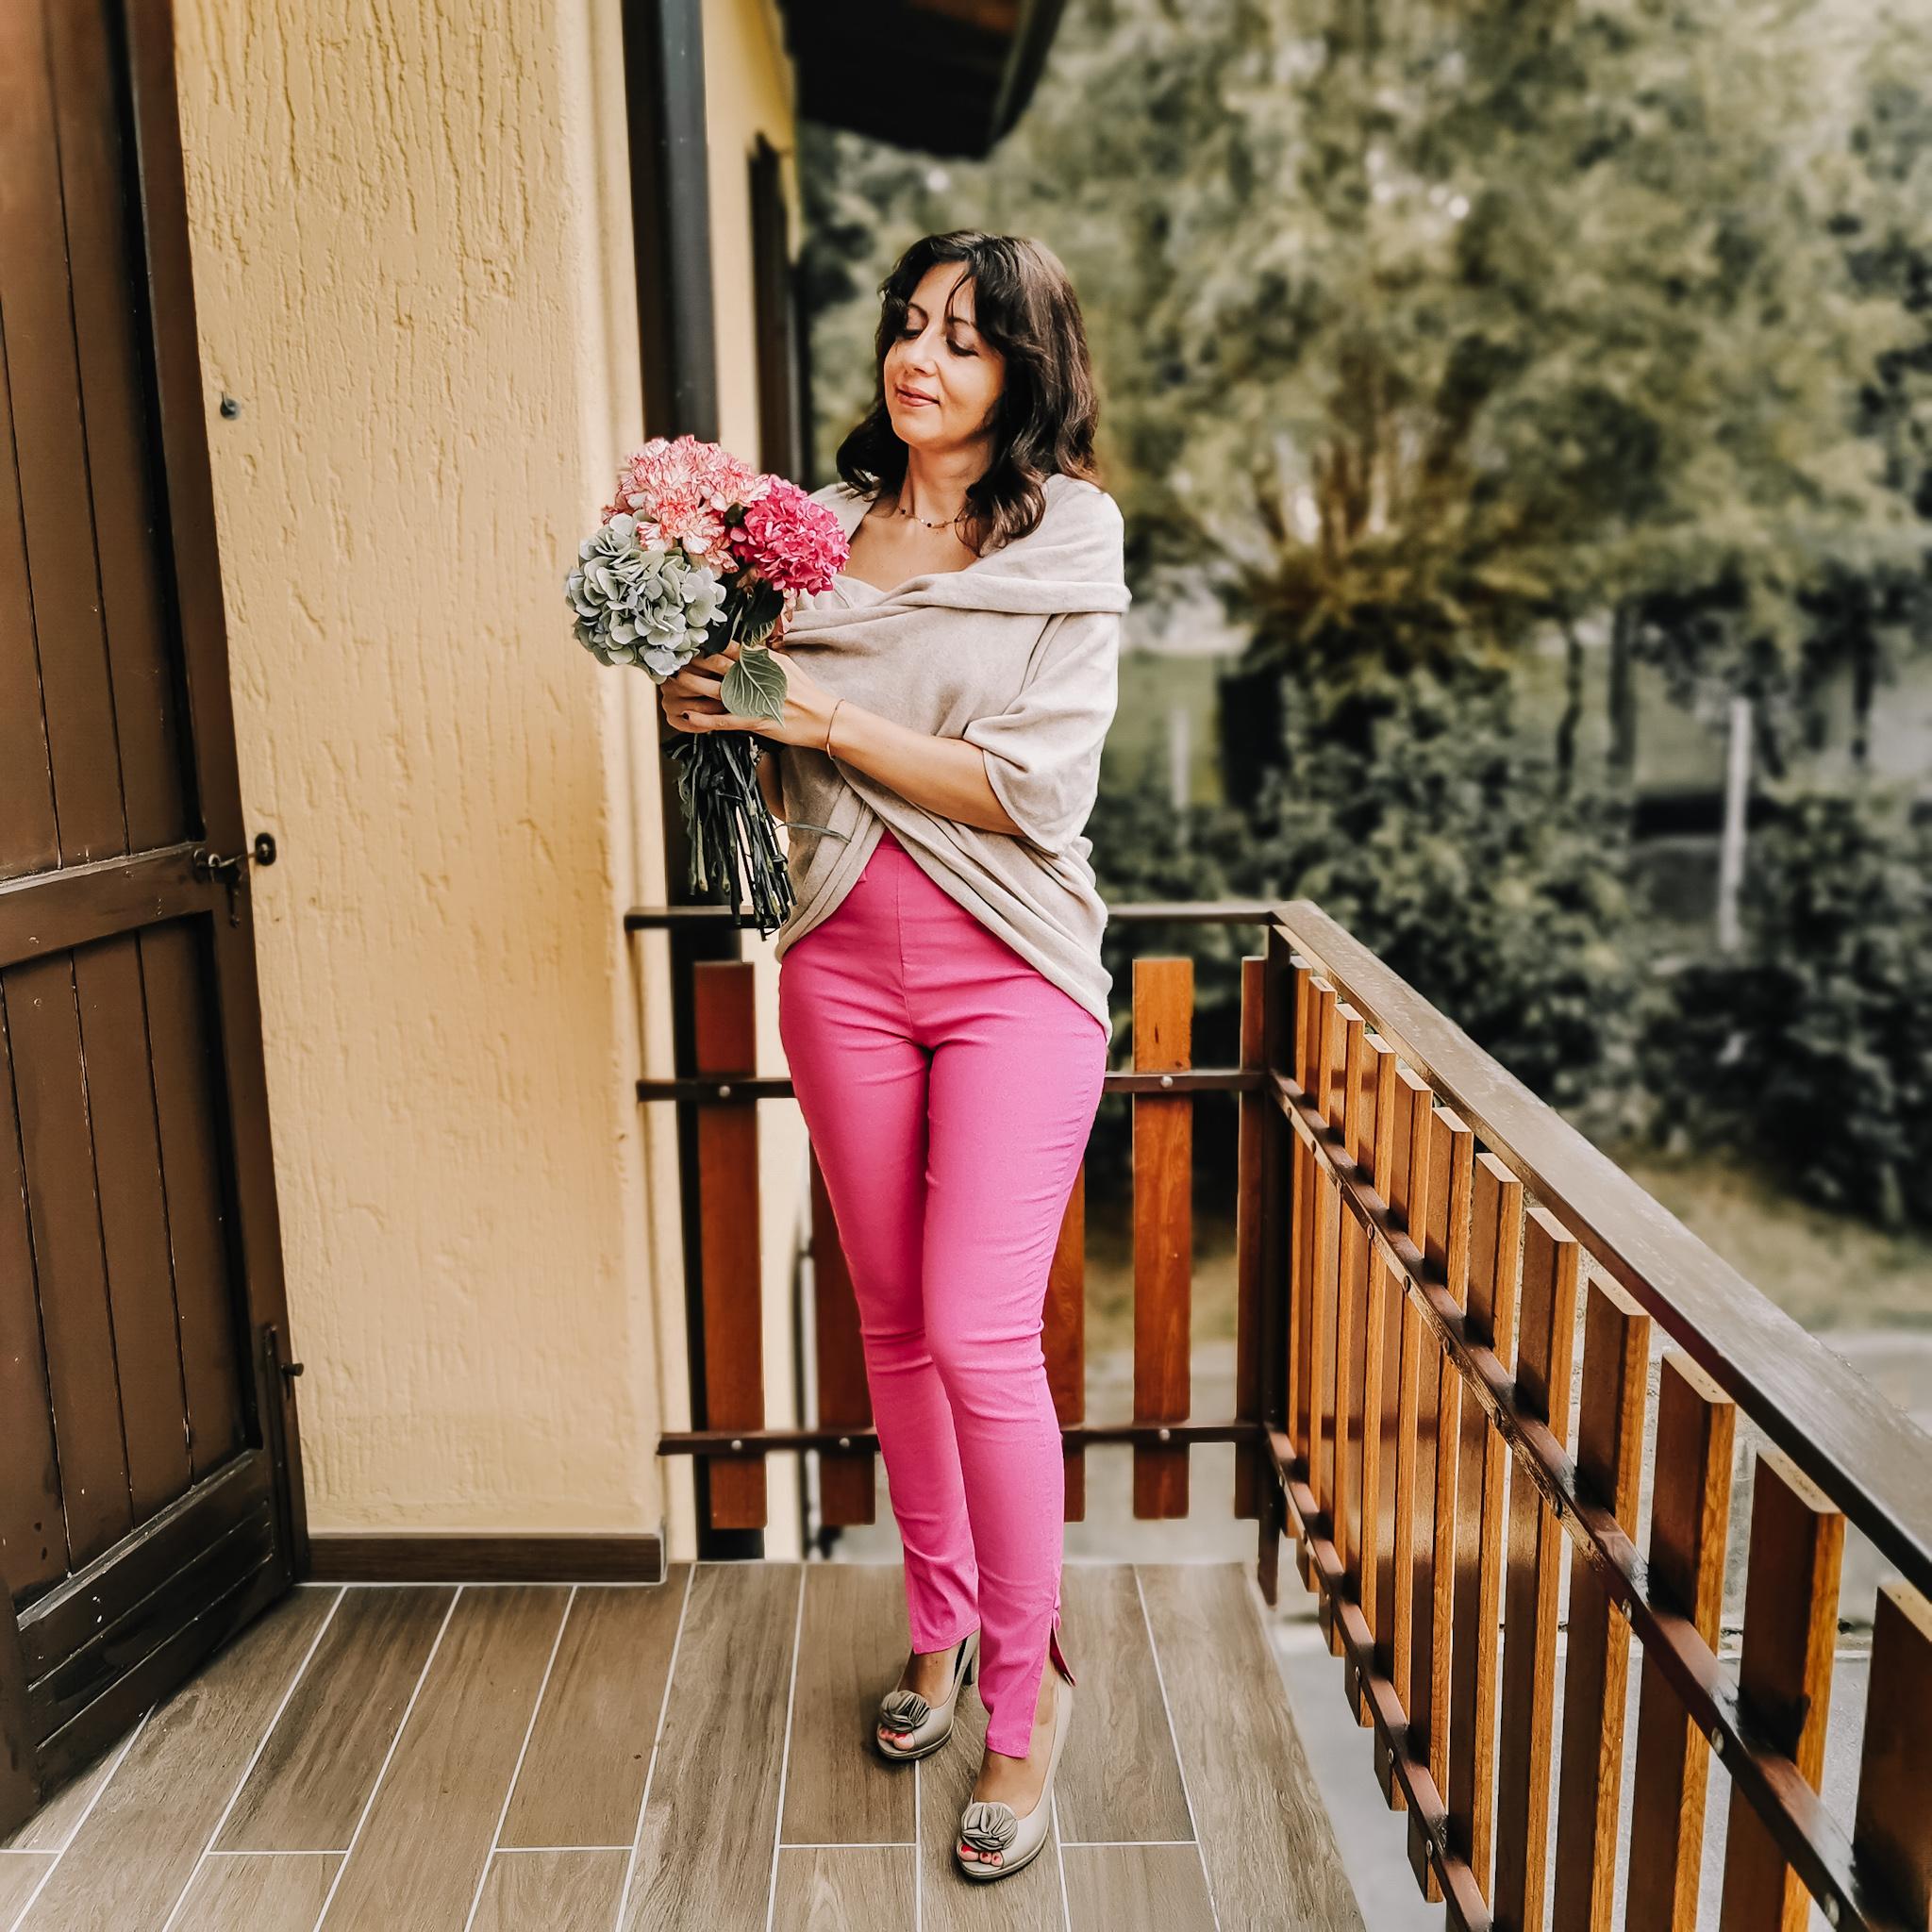 Colori Che Stanno Bene Insieme come abbinare i colori: il fucsia - the fashion cherry diary